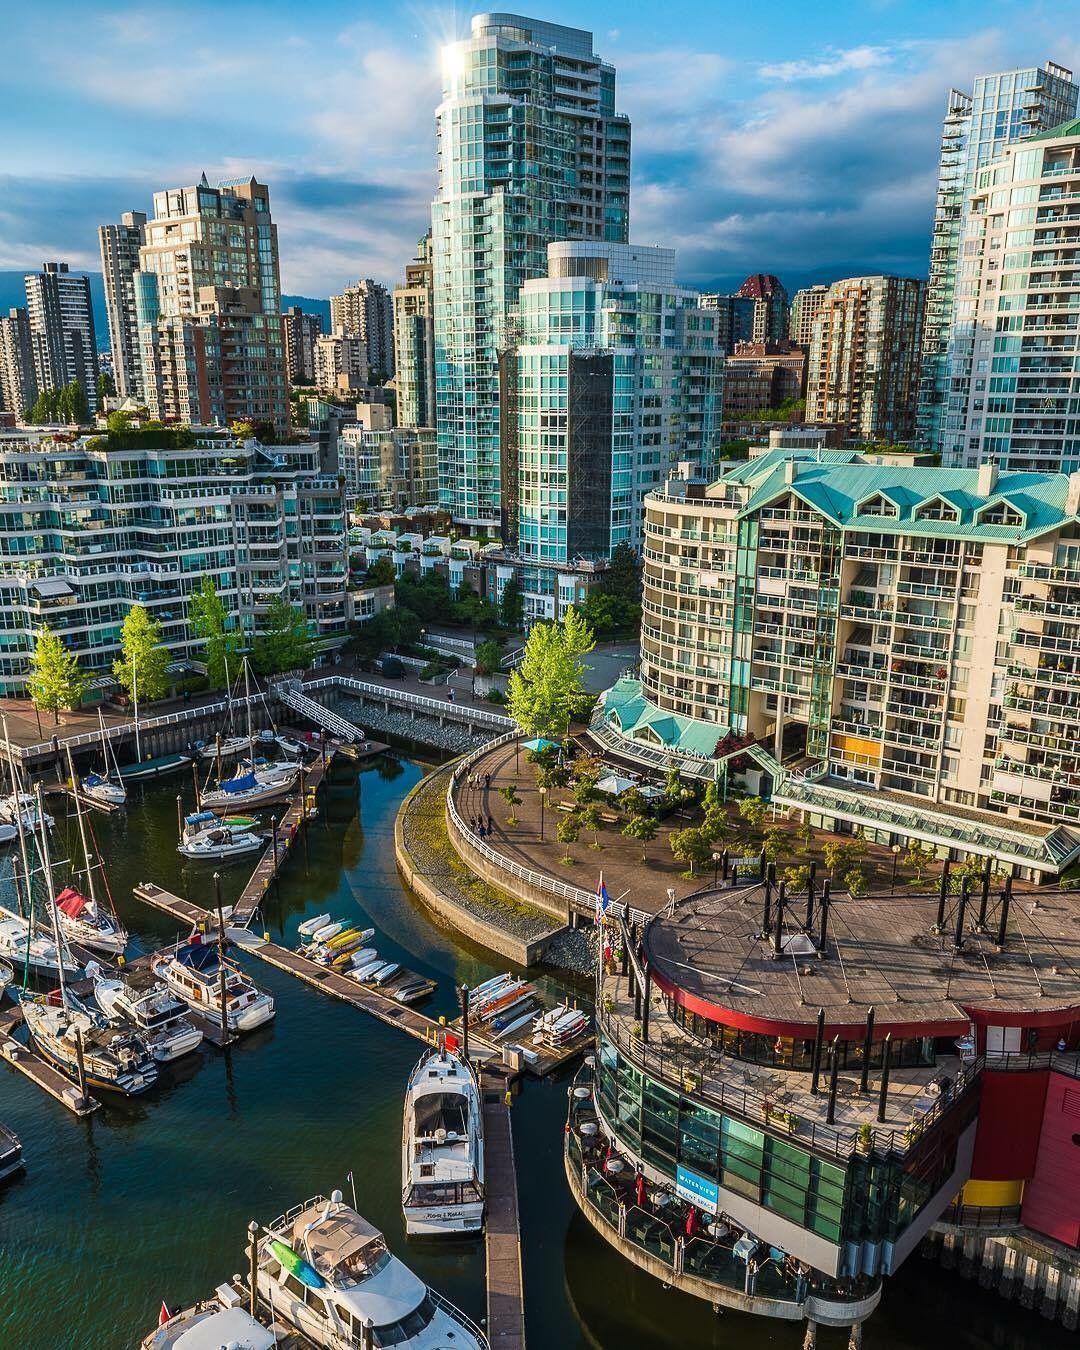 بازدید از ونکوور با ویزای توریستی کانادا